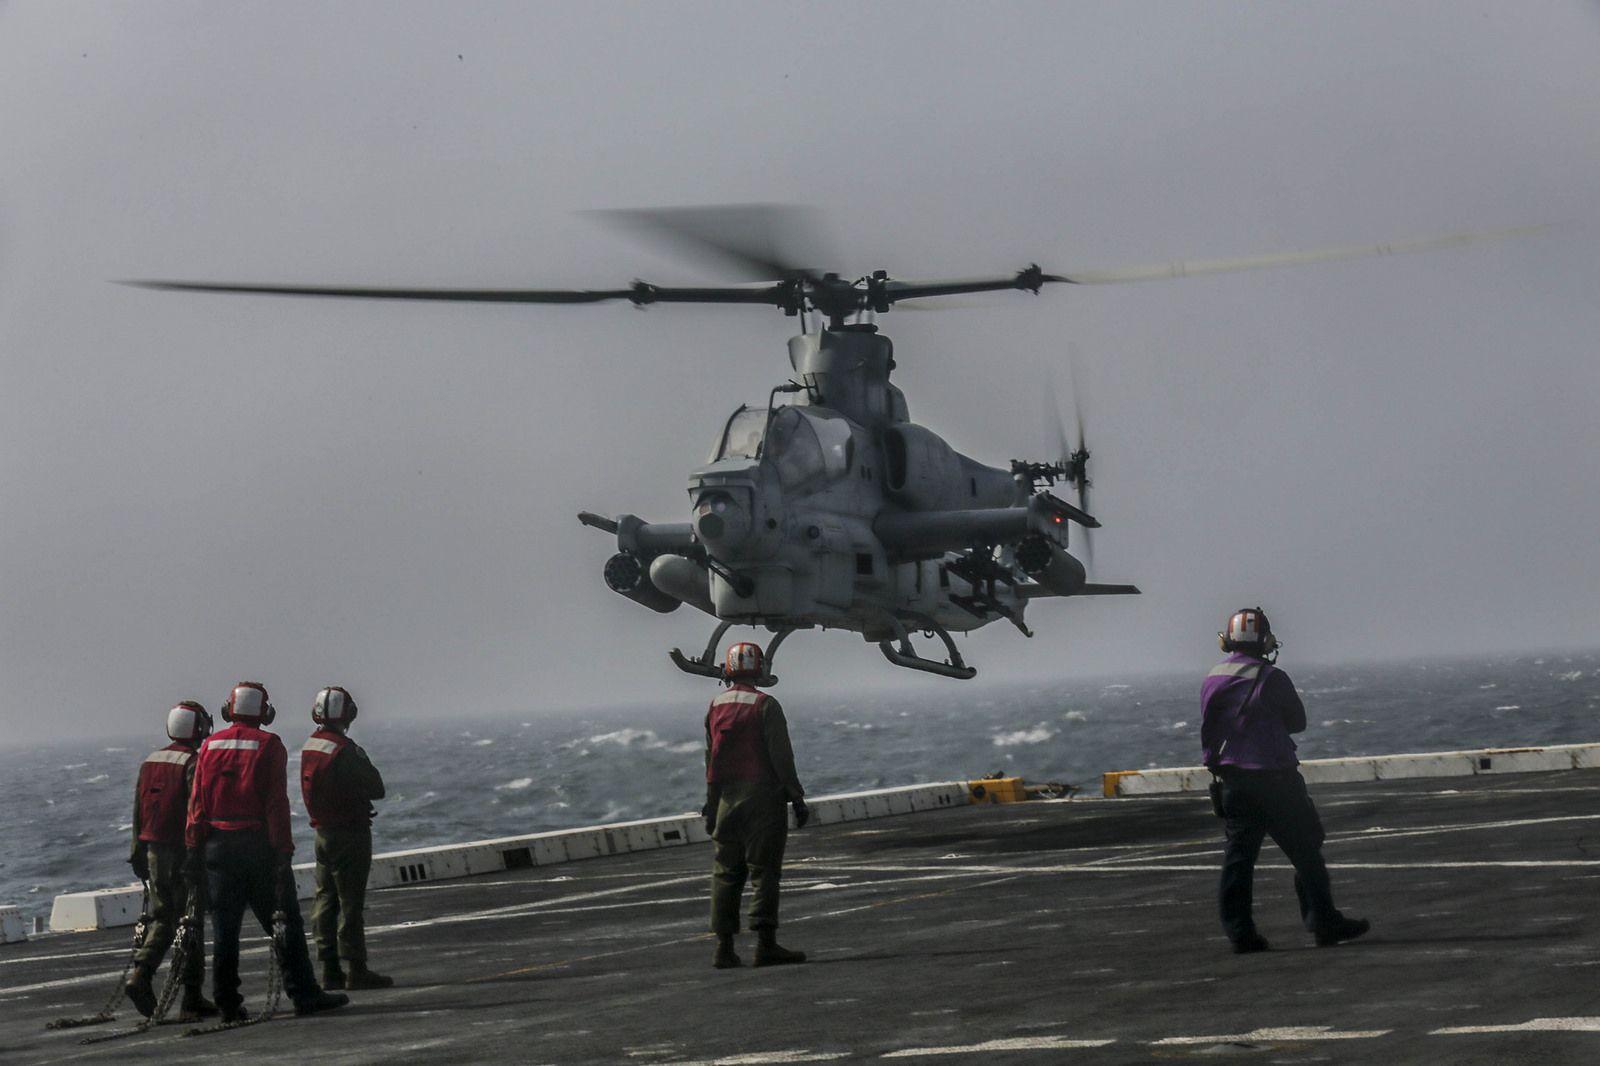 [스압] 미 해군 상륙함의 다양한 일상 - 유용원의 군사세계